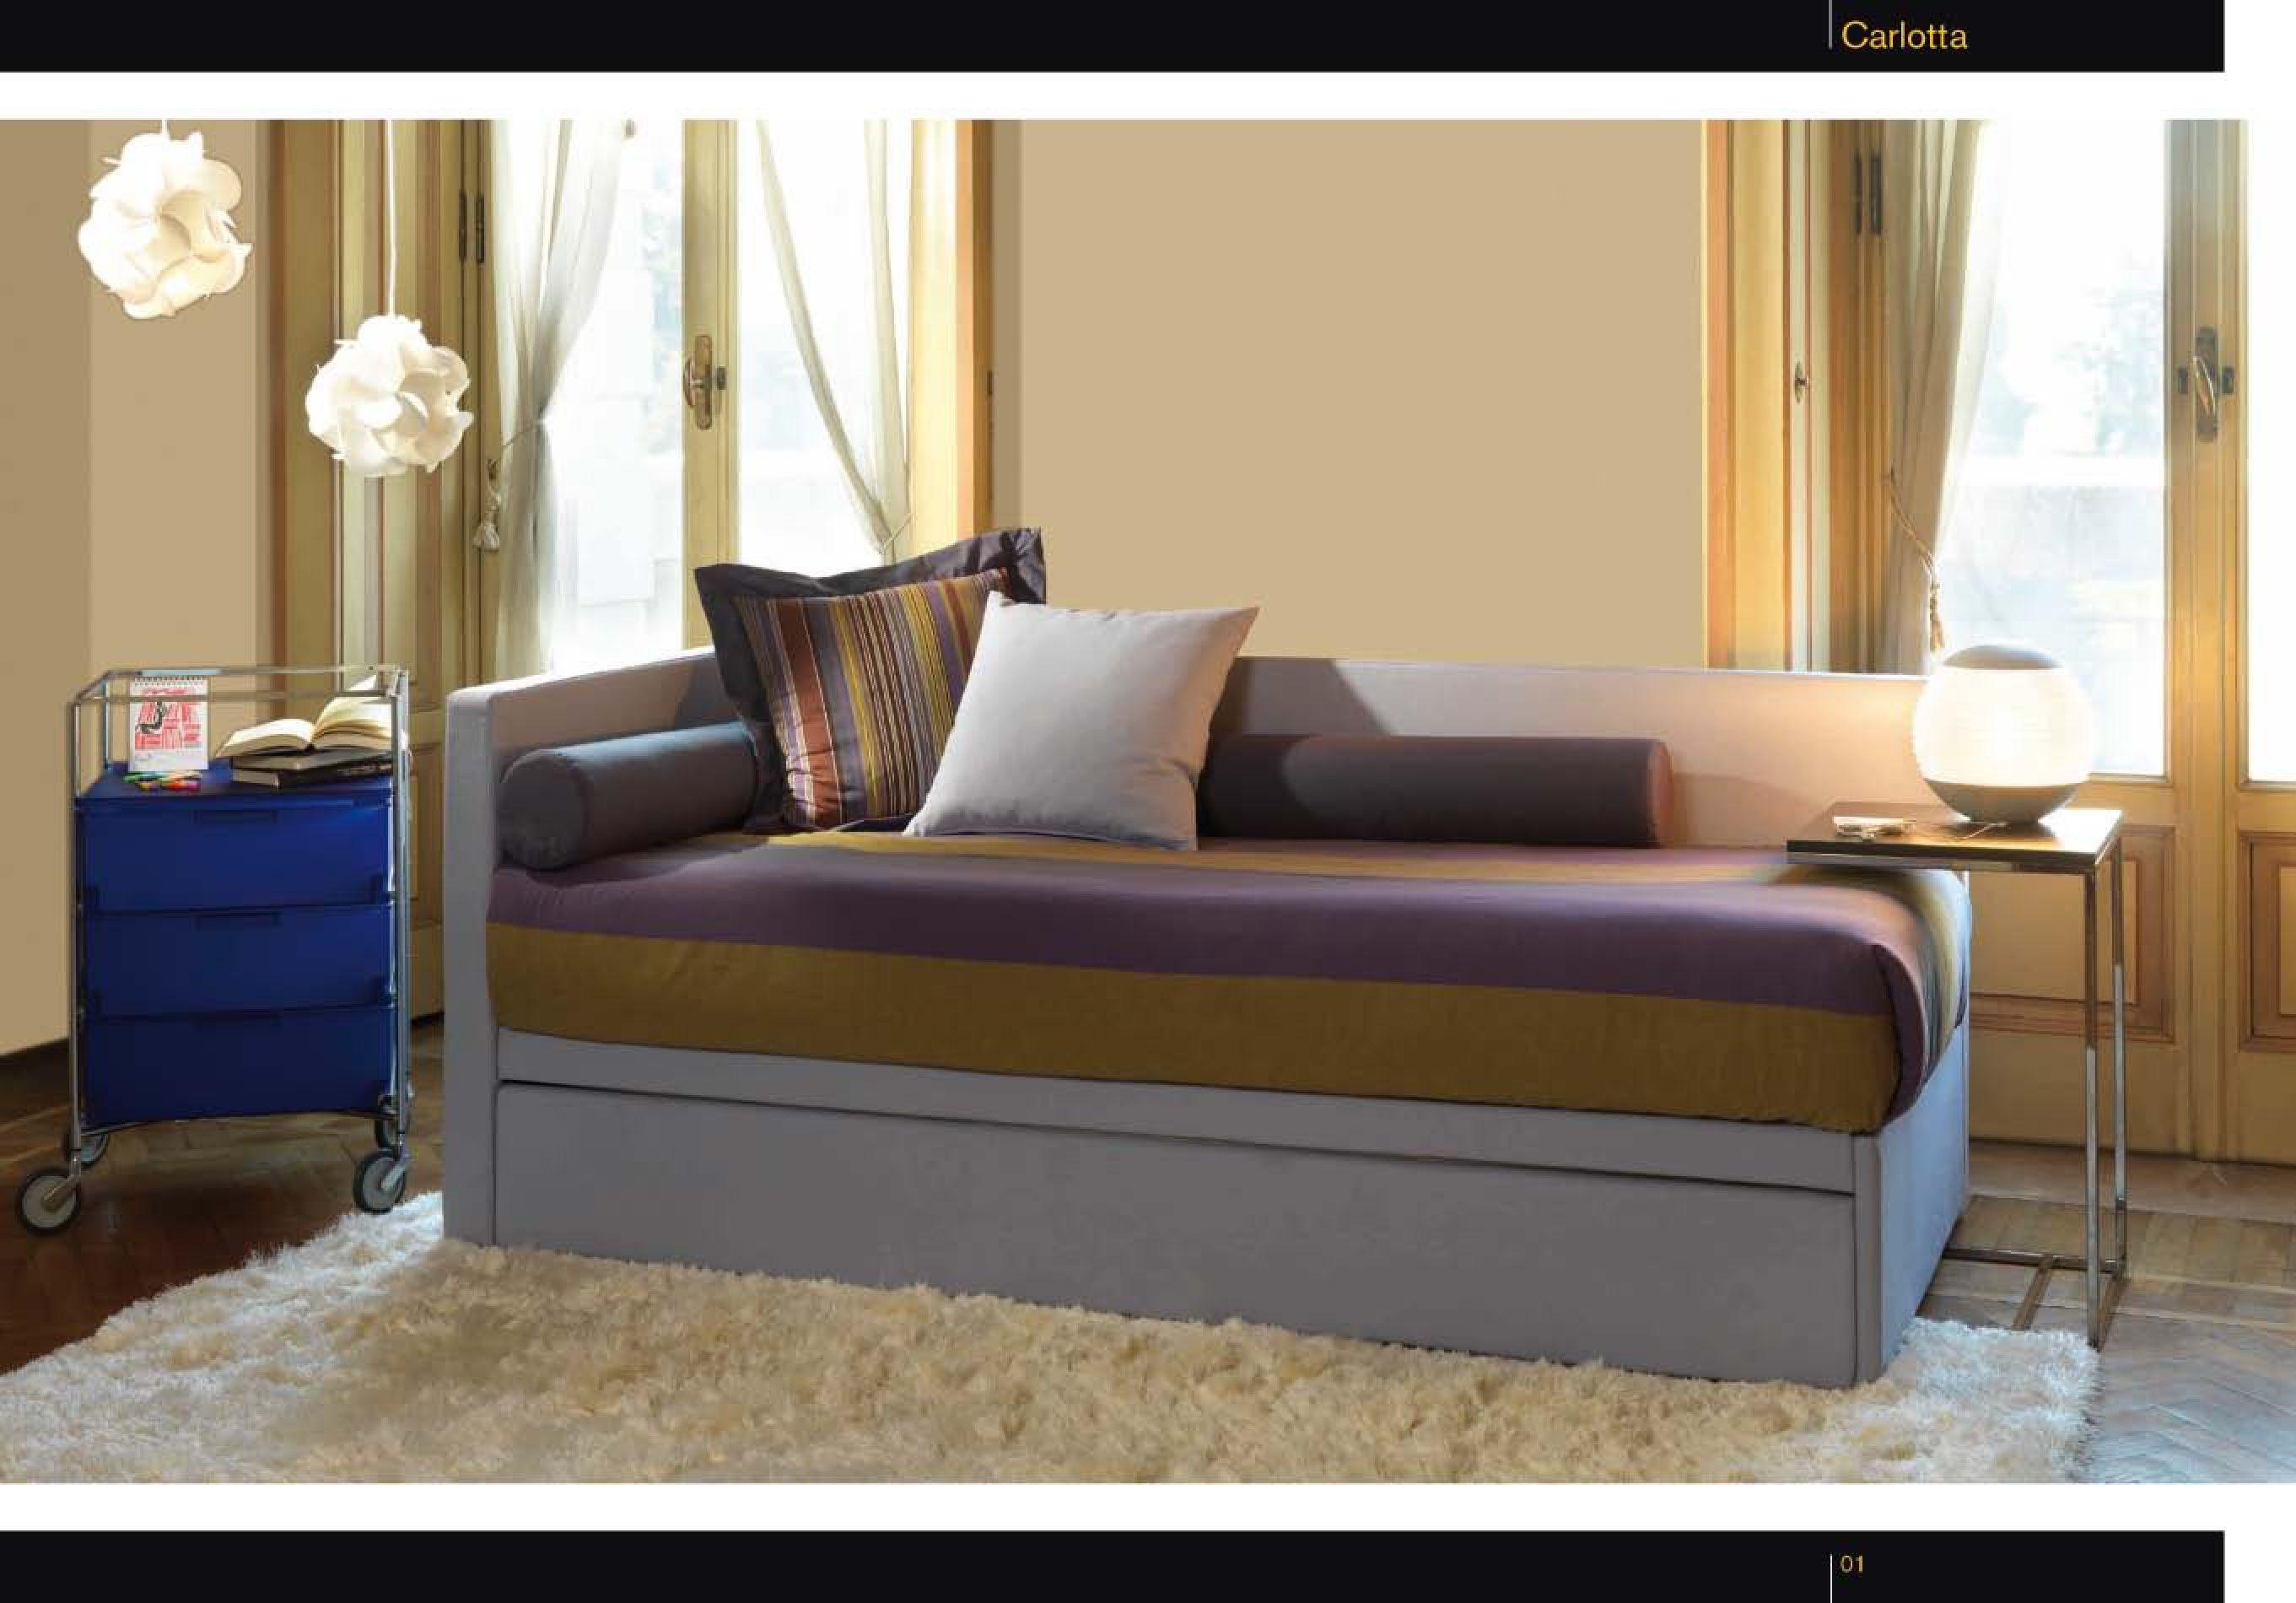 CARLOTTA Divano - letto ideale per camerette e seconde case ...